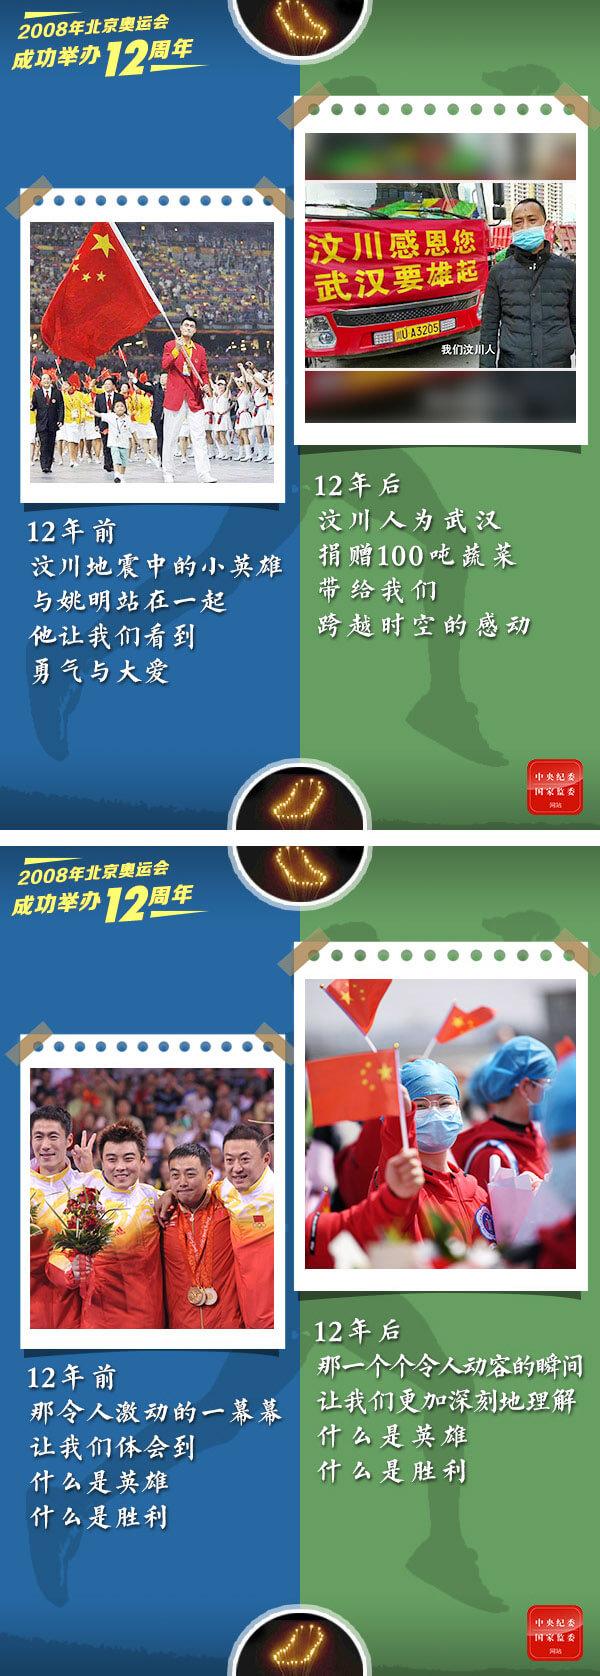 """12年12海报丨奥运""""大脚印儿"""",一直走下去!"""